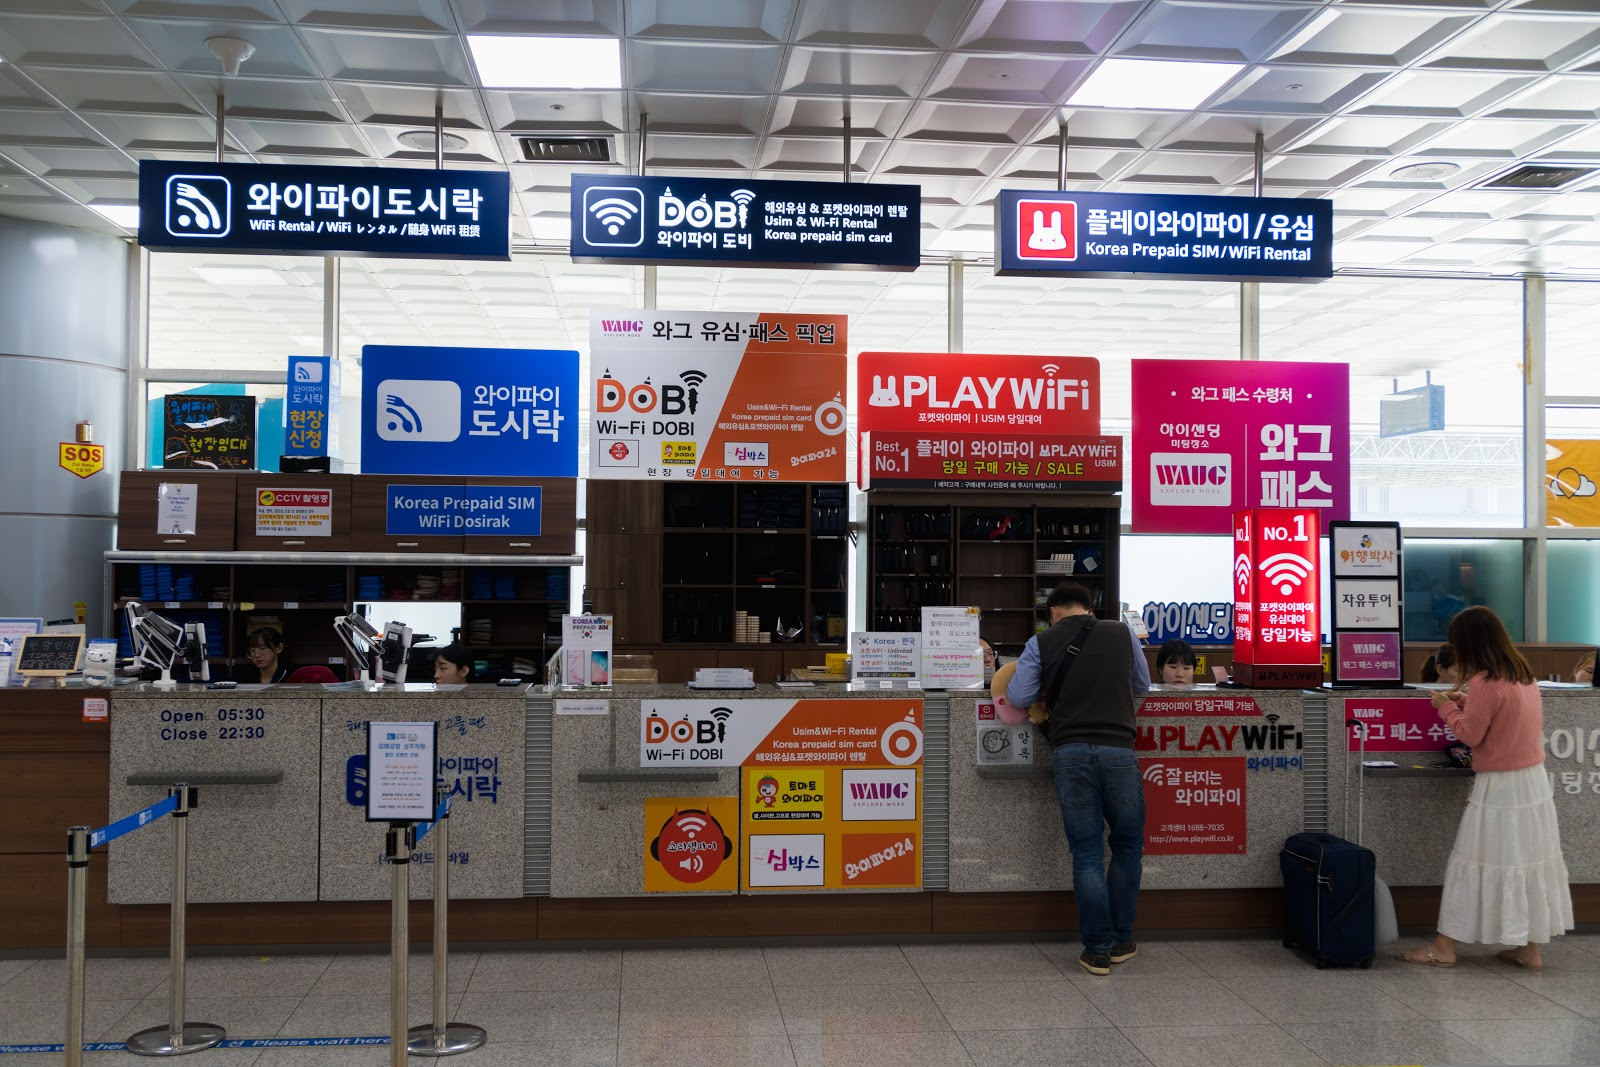 quầy đăng ký dịch vụ viễn thông tại sân bay ở Hàn Quốc